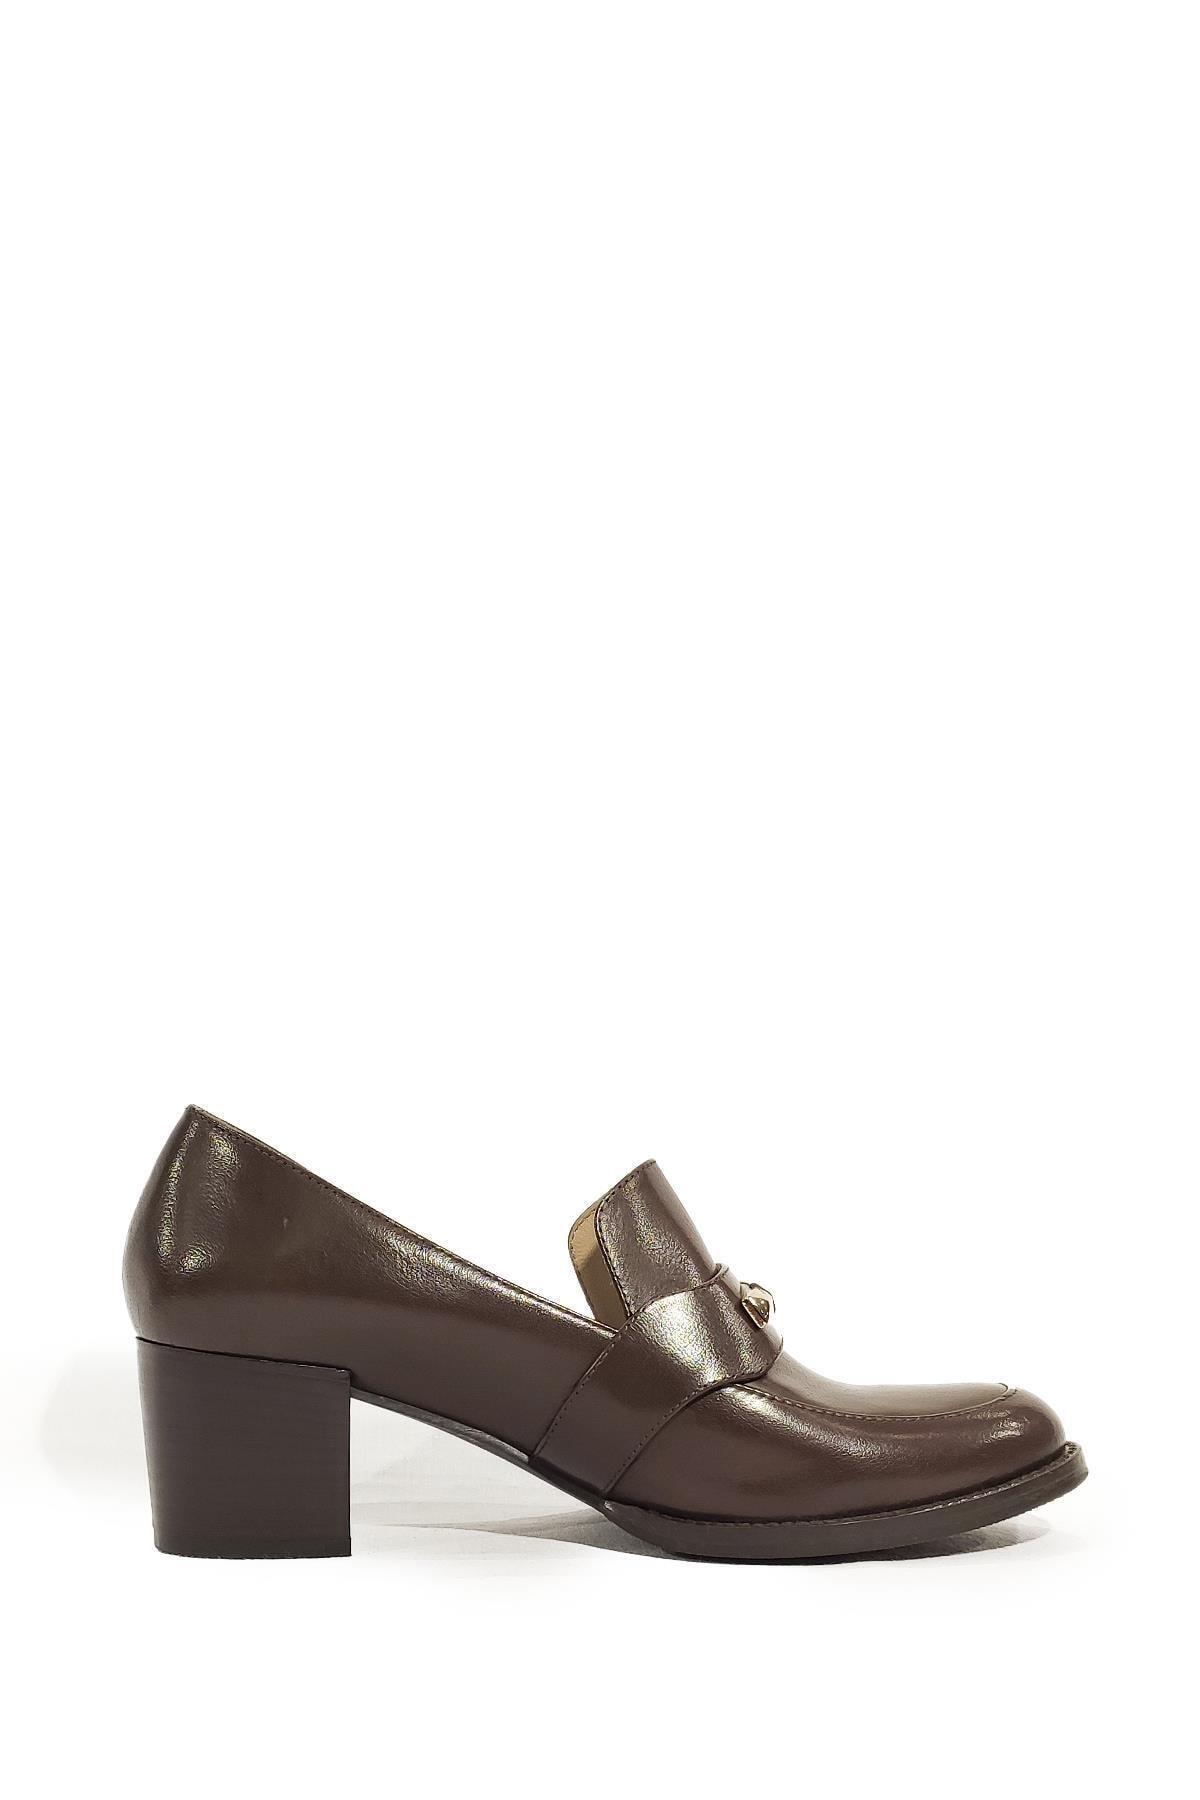 Nursace Hakiki Deri Klasik Ayakkabı Nsc19y-a05179 2